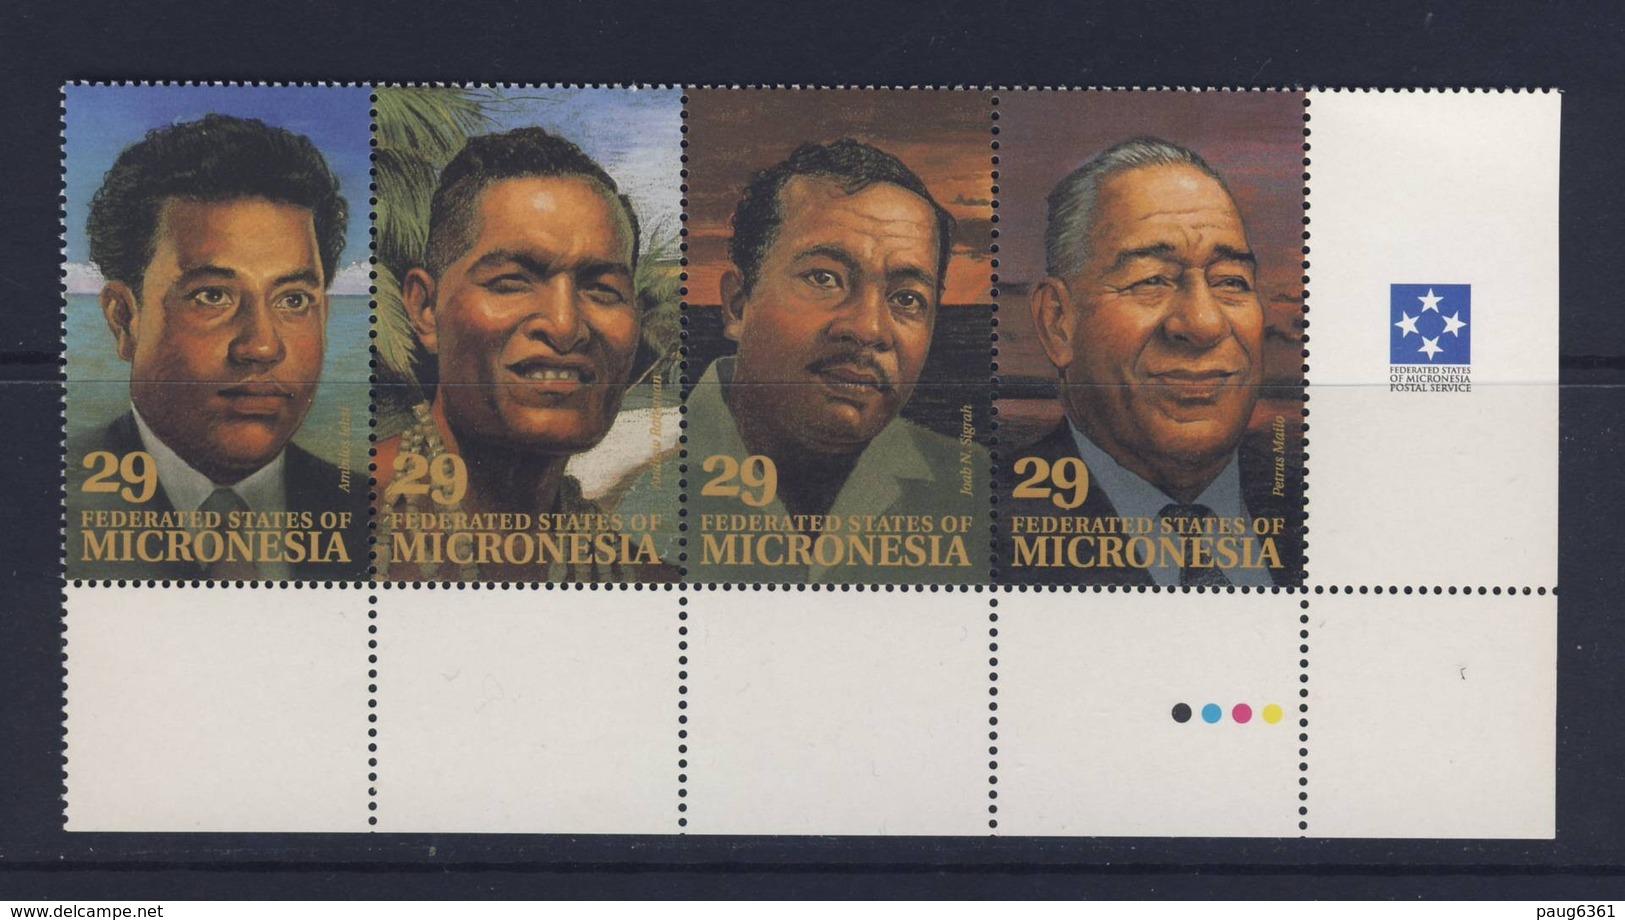 MICRONESIE  1993 DIRIGEANTS LOCAUX YVERT N°234/37 NEUF MNH** - Micronésie